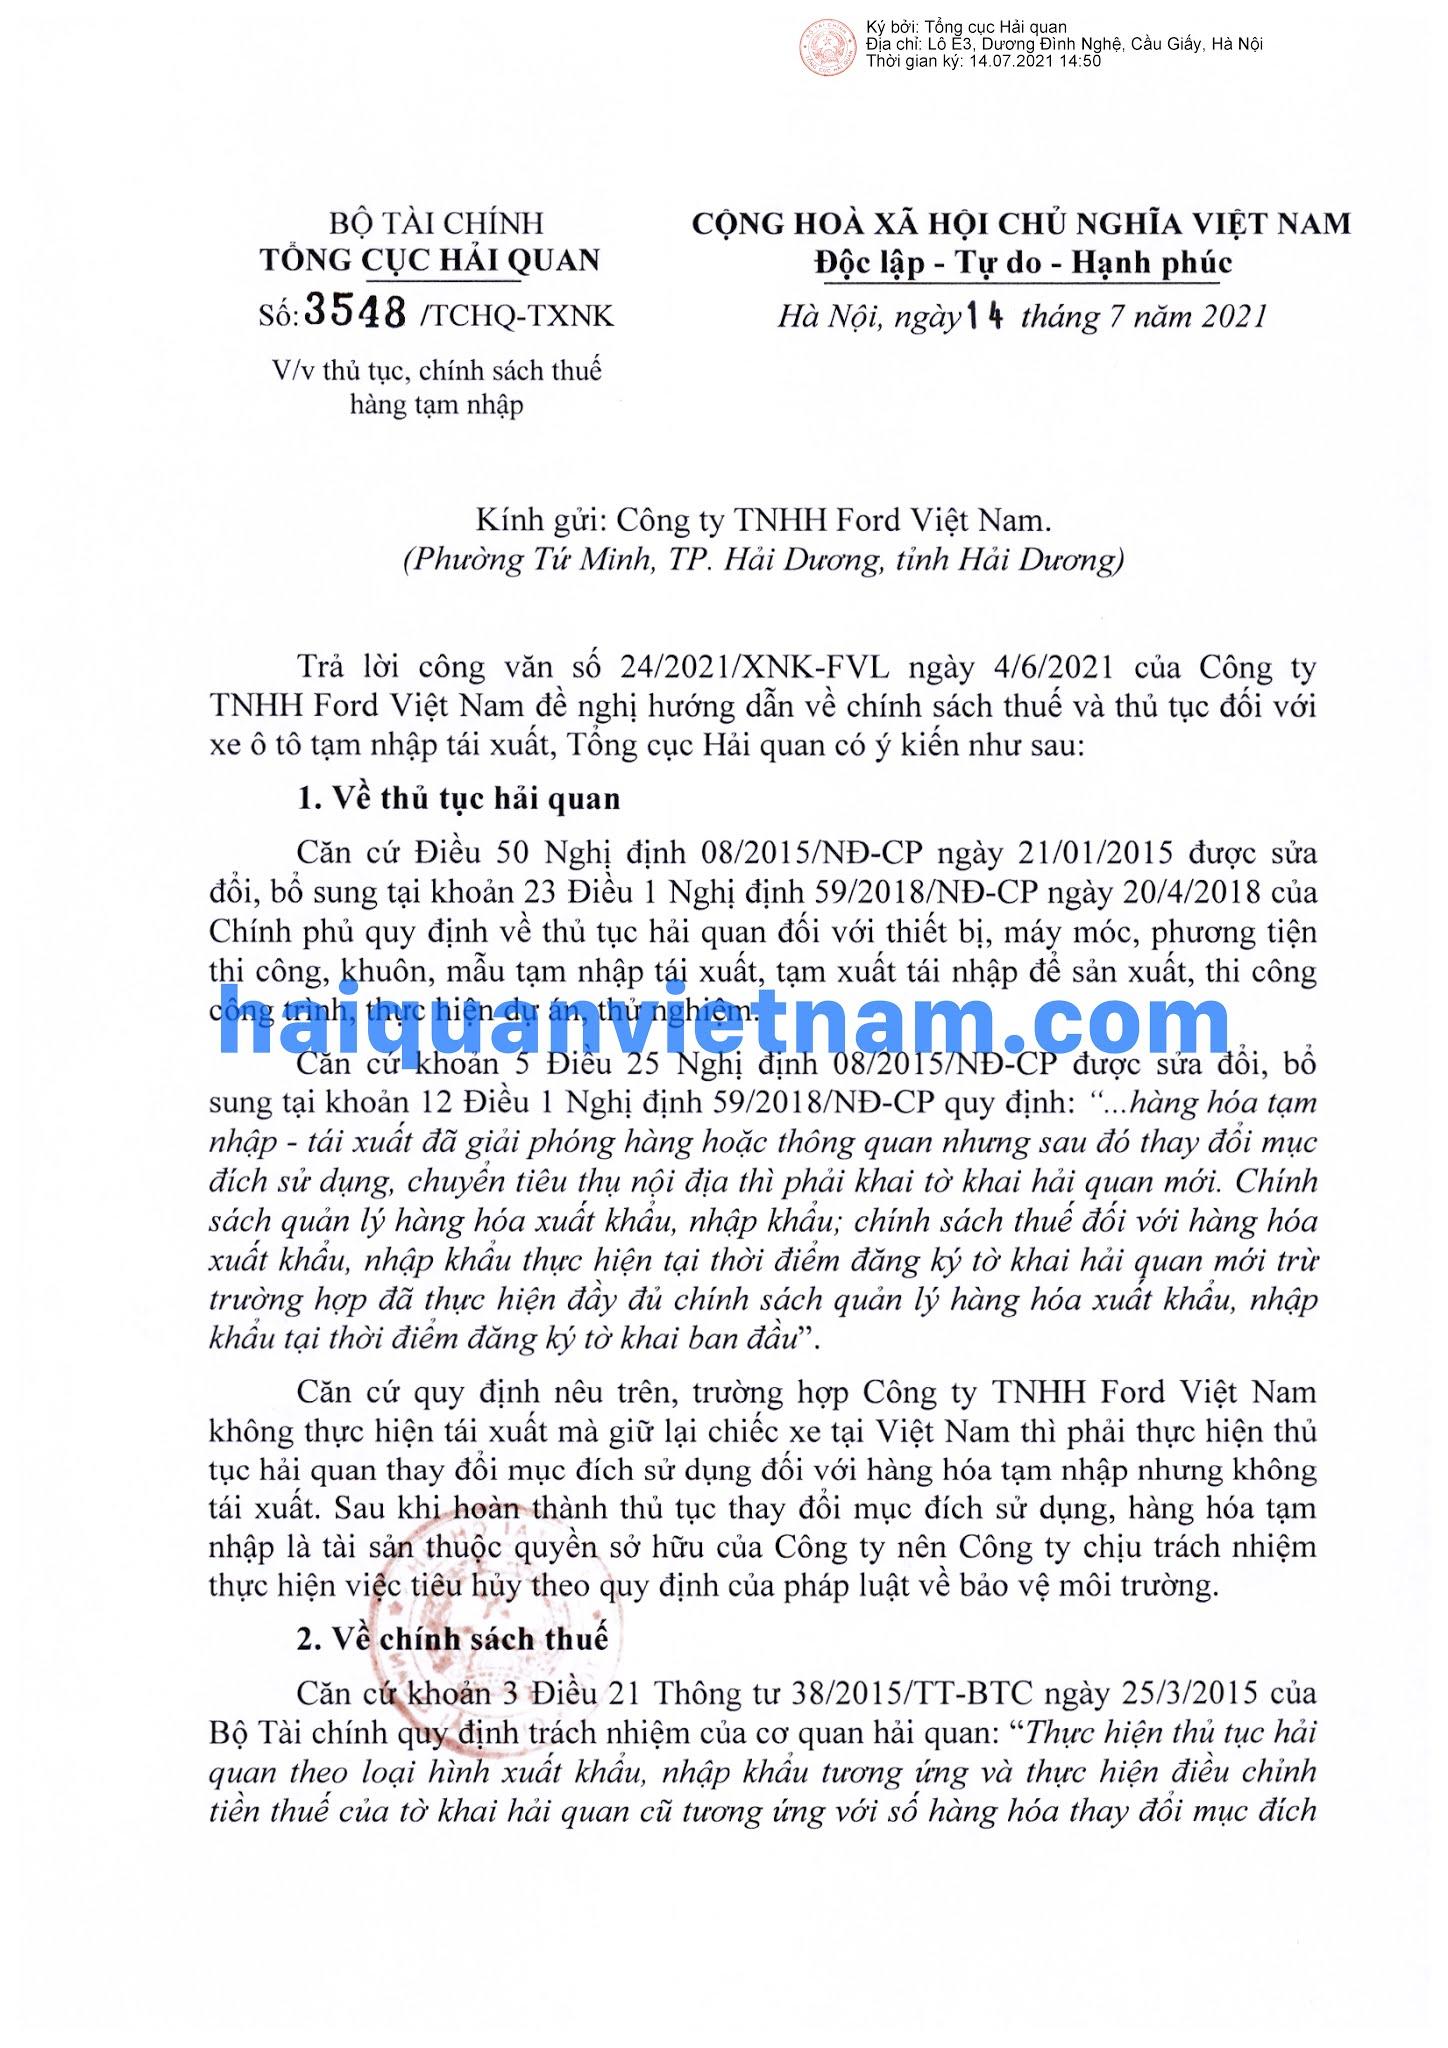 [Image: 210714%2B-%2B3548-TCHQ-TXNK_haiquanvietnam_01.jpg]